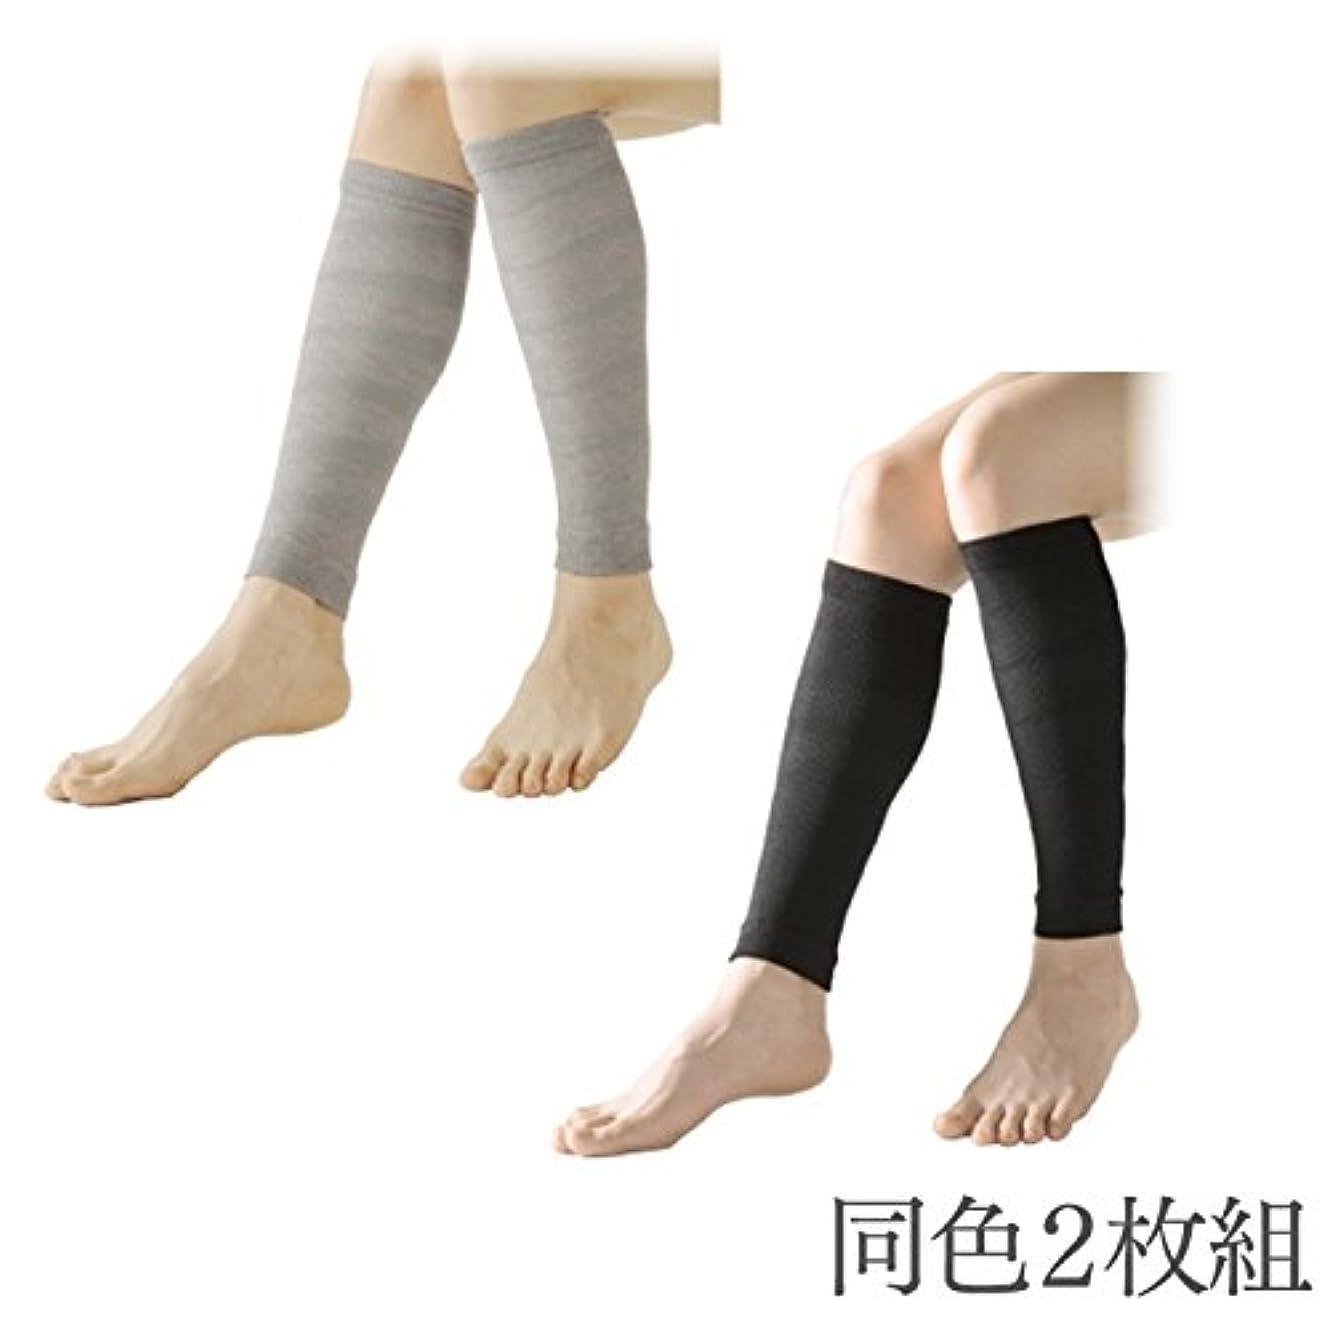 市区町村改修エール着圧ソックス 足のむくみ 靴下 むくみ解消 着圧ふくらはぎサポーター 2枚組(グレー)